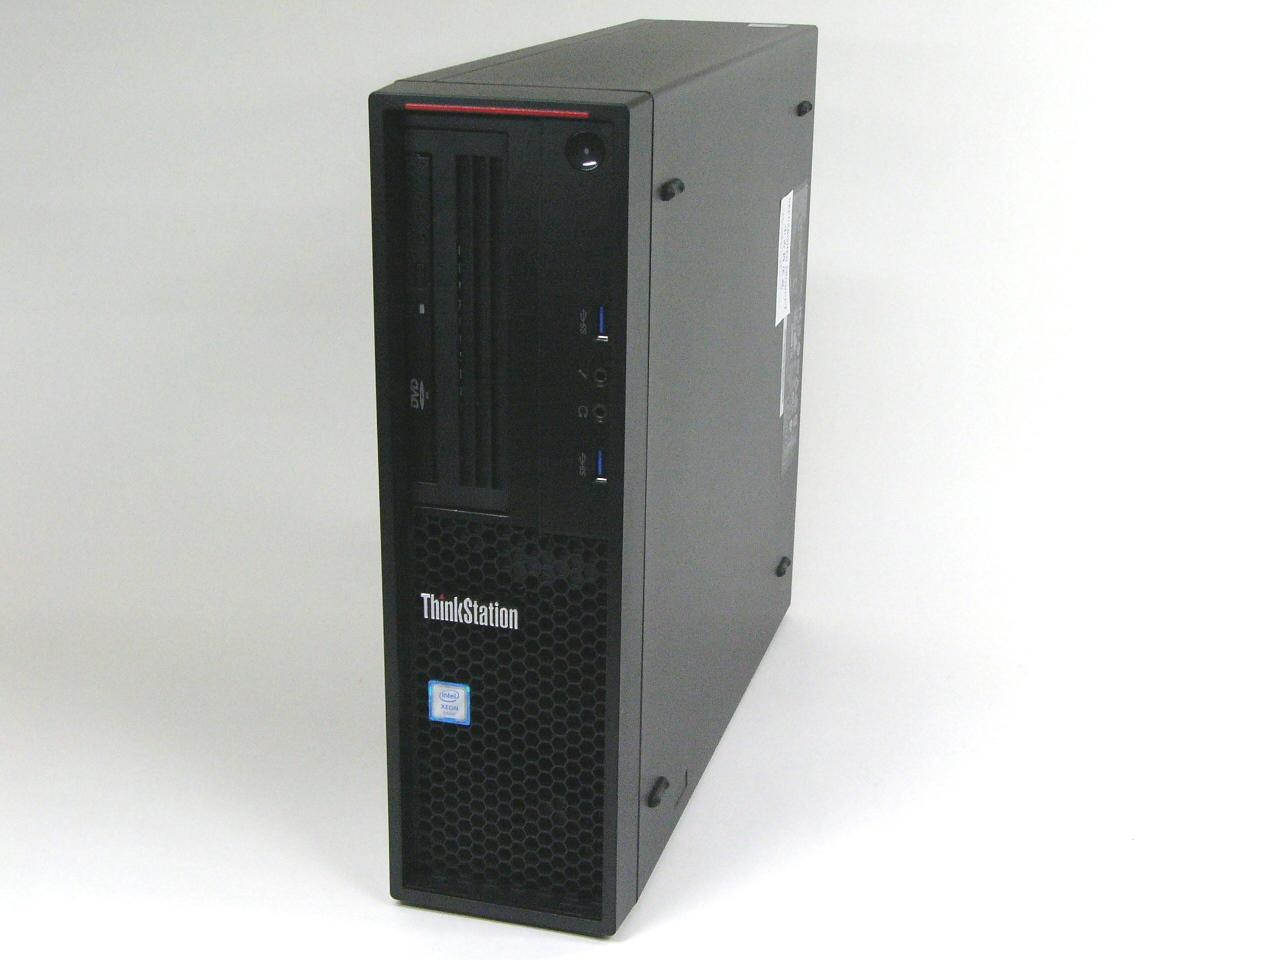 【再生品】ThinkStation P320 SFF /Windows 10 Pro /Xeon E3-1225 v6 /1TB 8GB Quadro P400